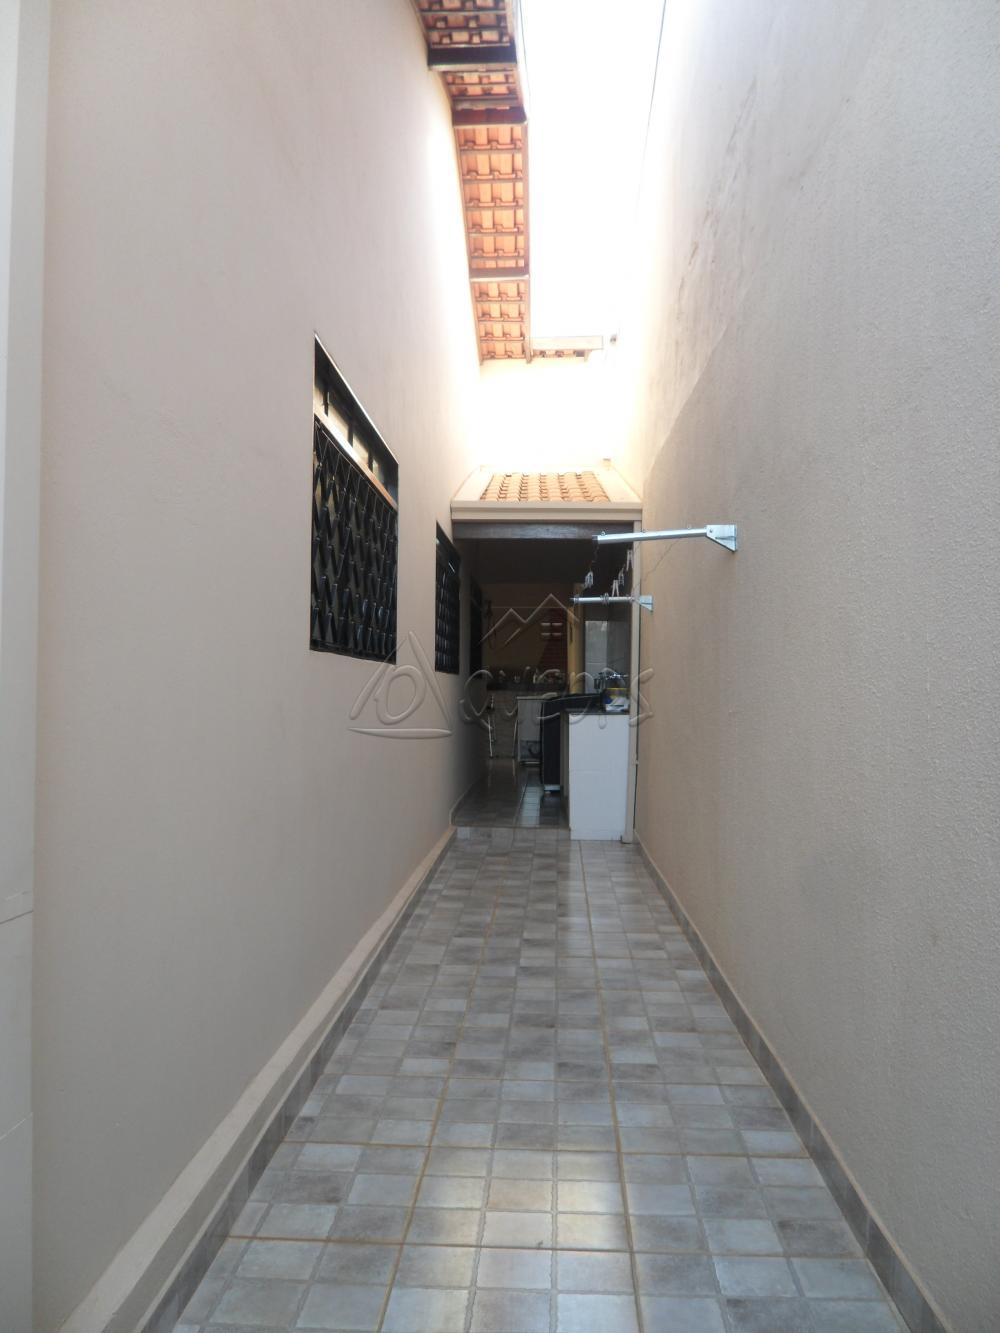 Comprar Casa / Padrão em Barretos apenas R$ 450.000,00 - Foto 17